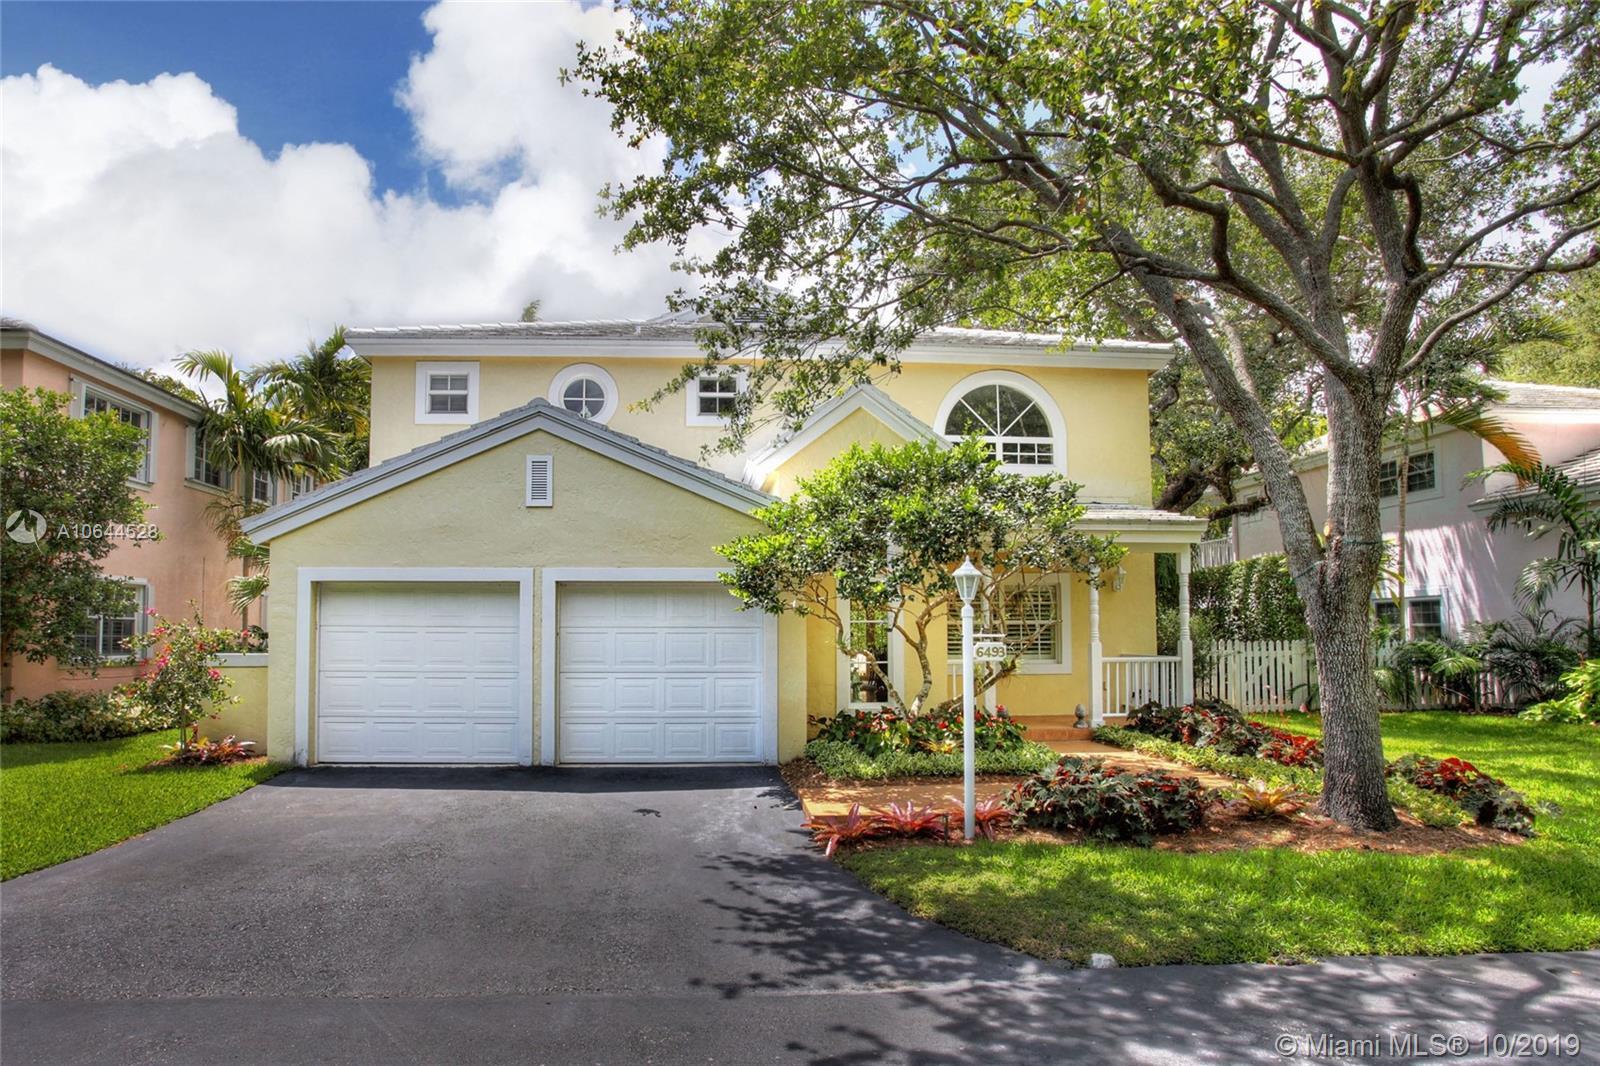 6493  Sunset Dr (Orrs Pond)  For Sale A10644528, FL